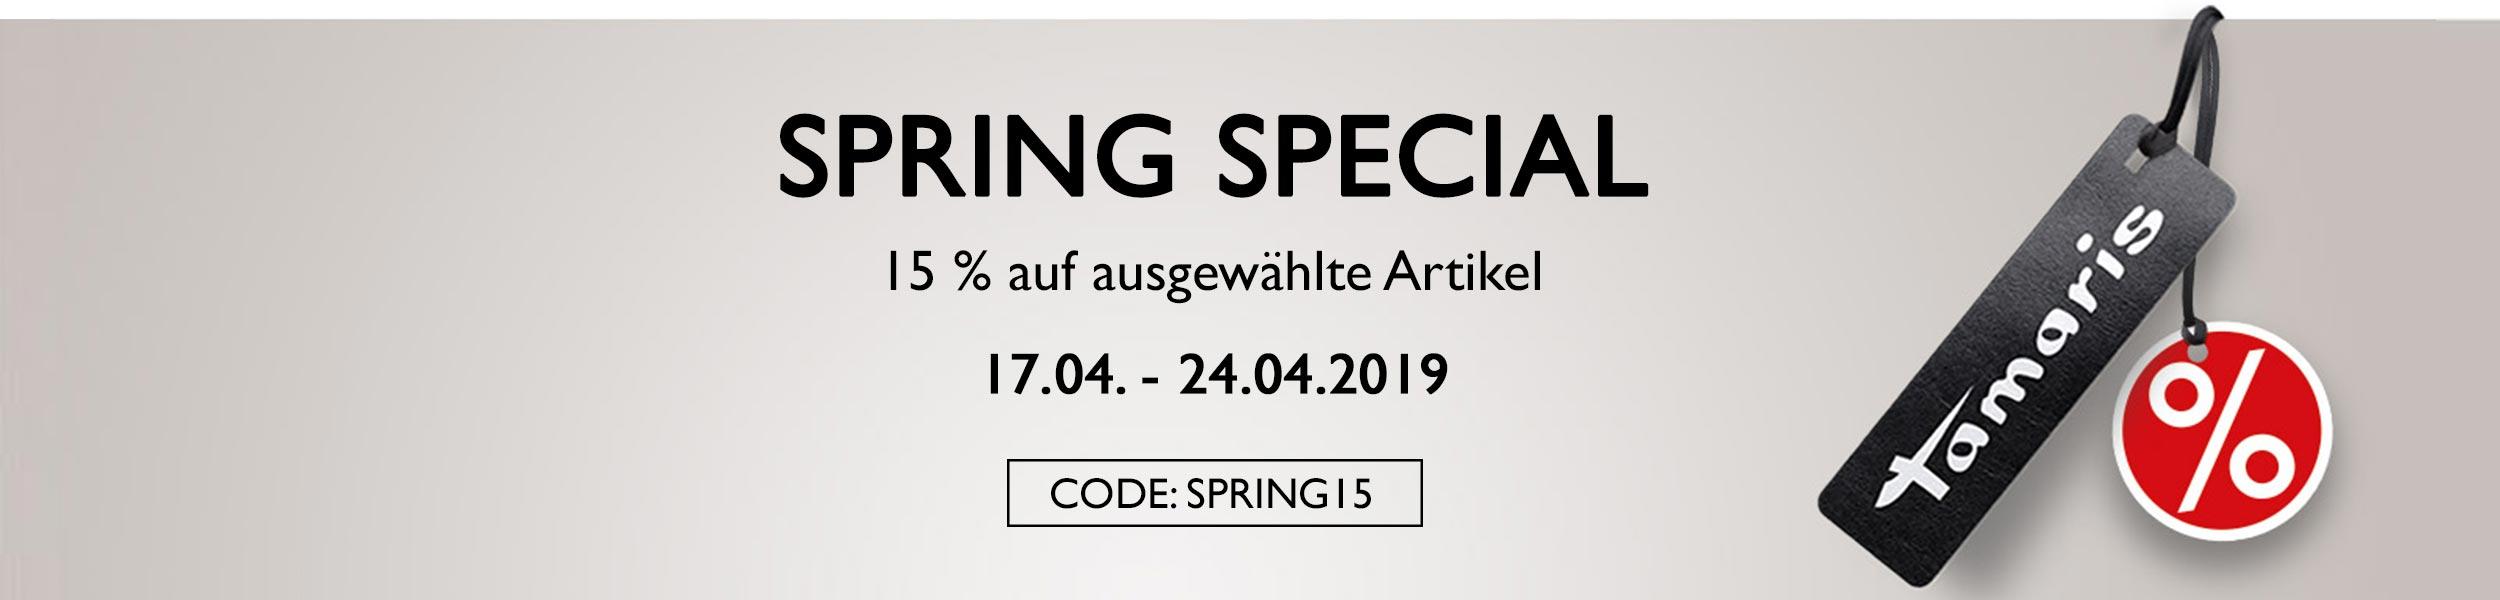 Bild zu Tamaris: 15% Rabatt auf ausgewählte Artikel im Spring Sale